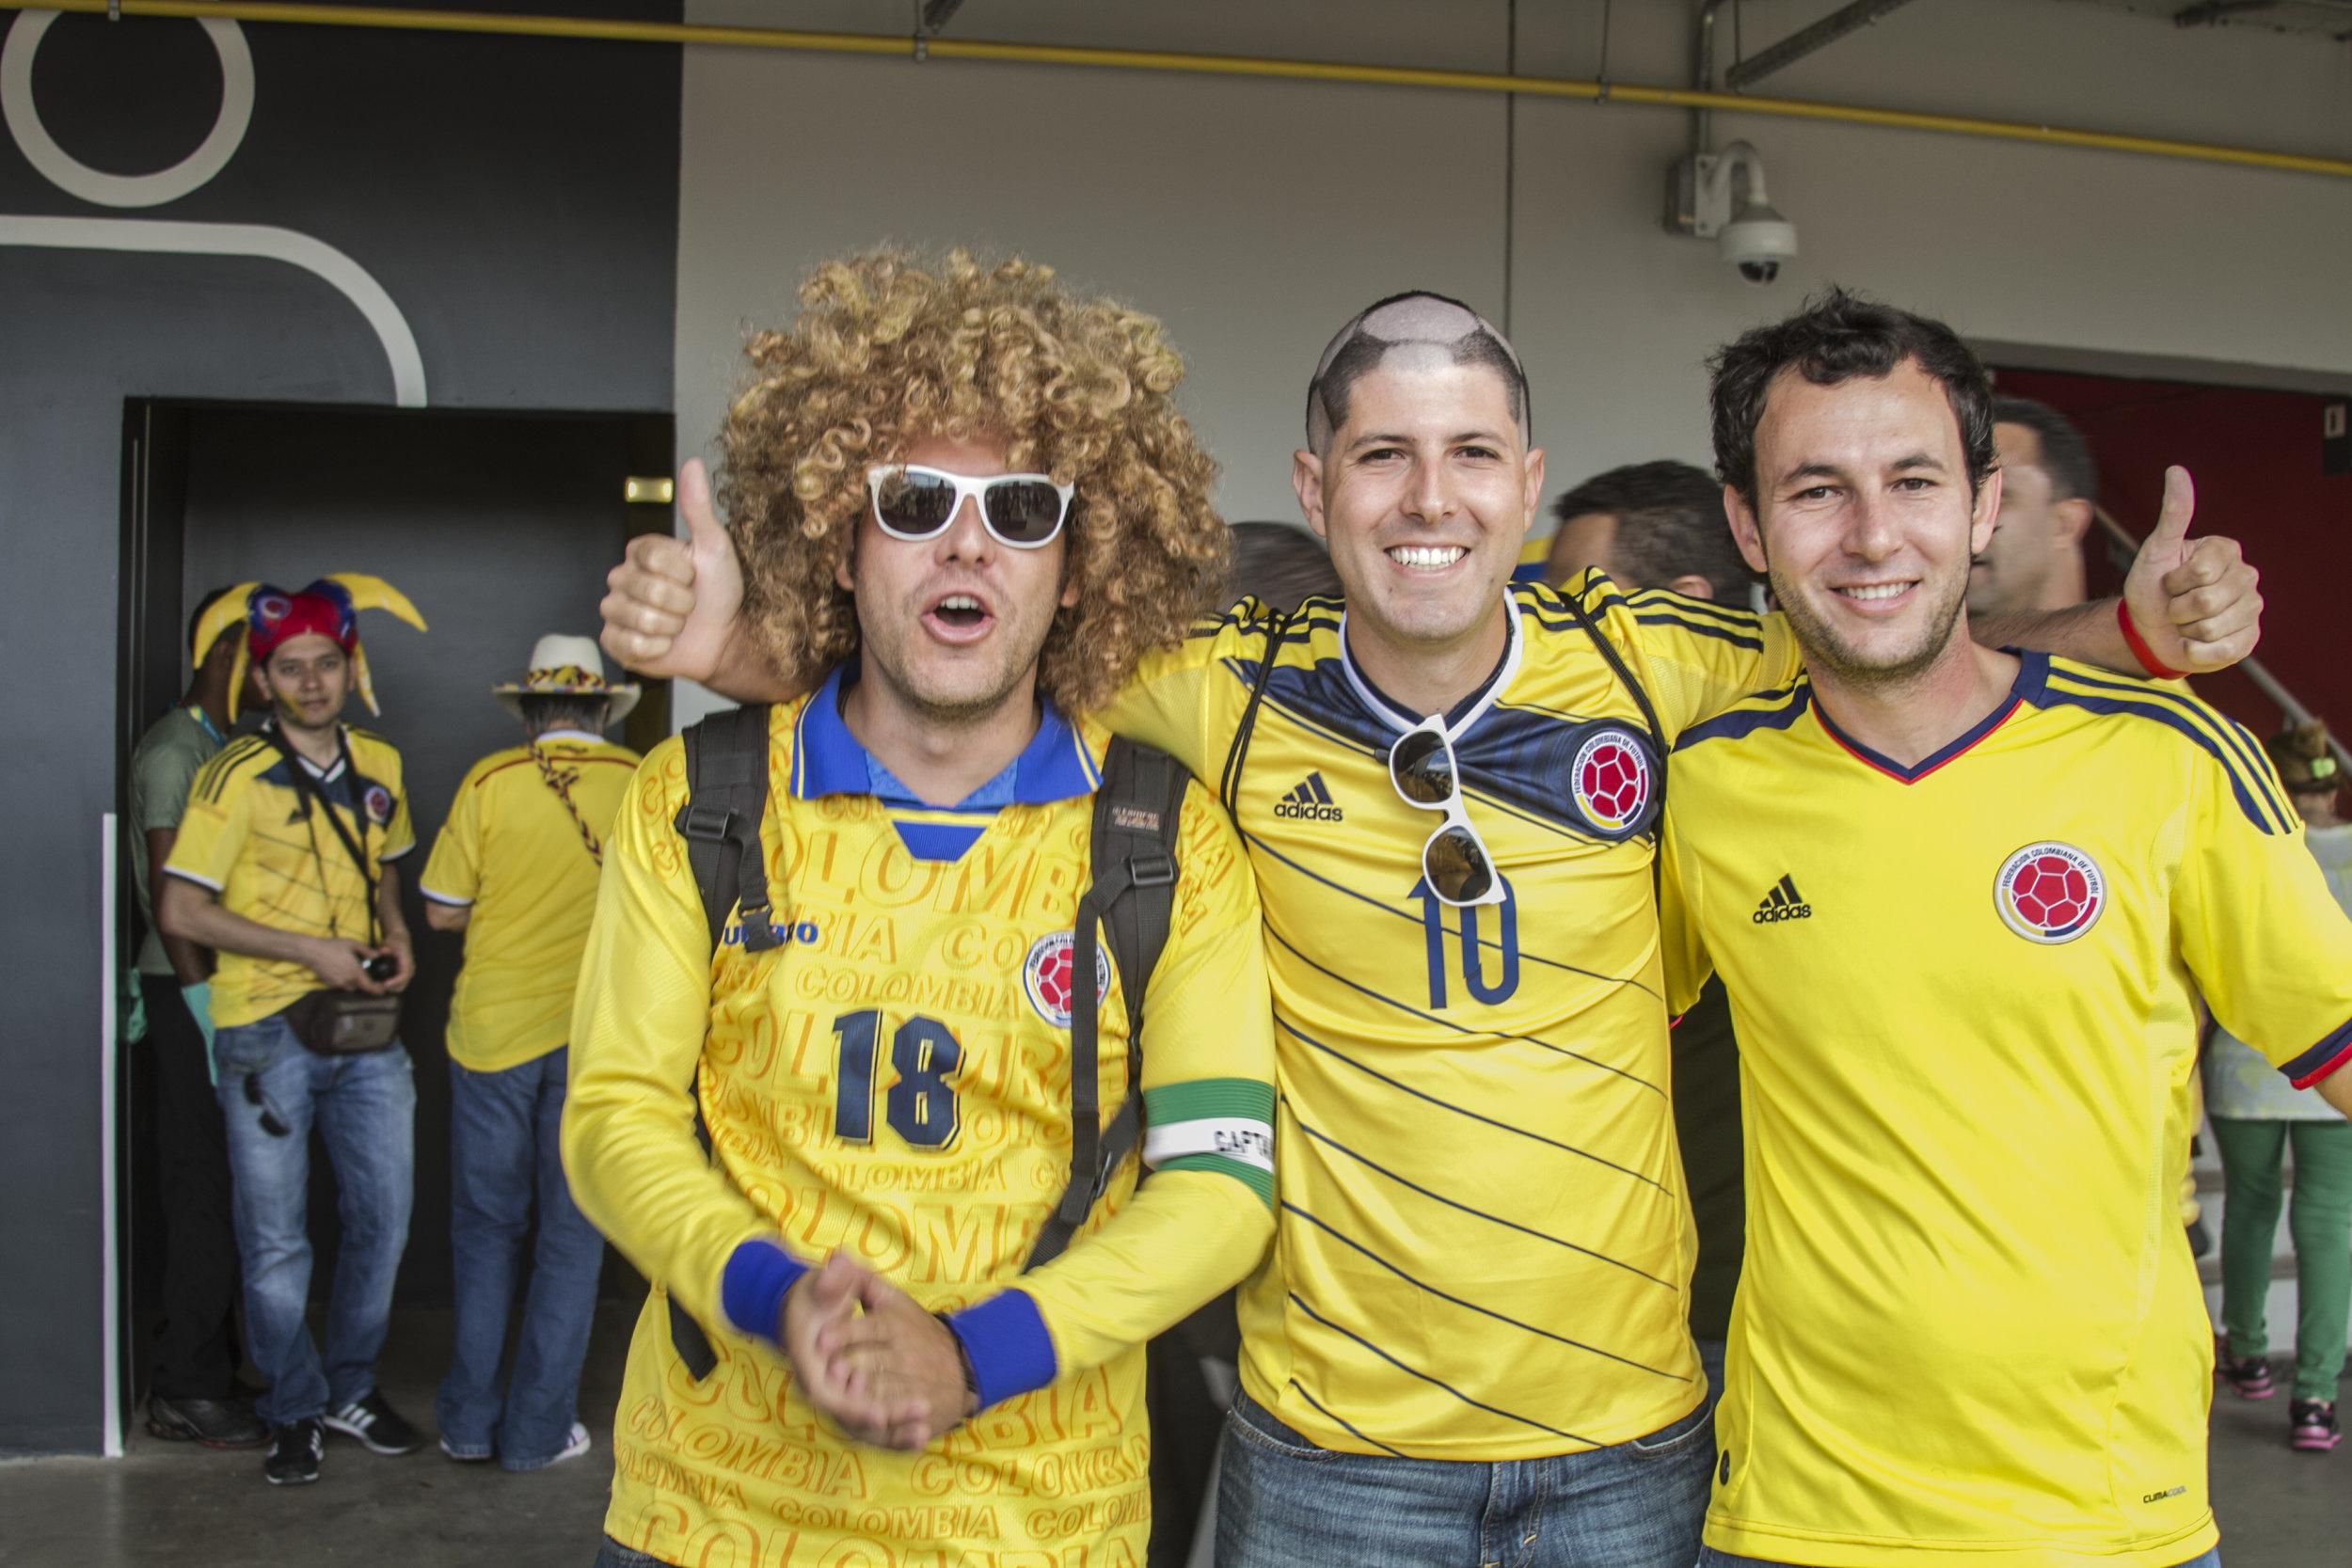 Con mis hermanos Jorge y Felipe, esperando con ansias a que empezara el partido.